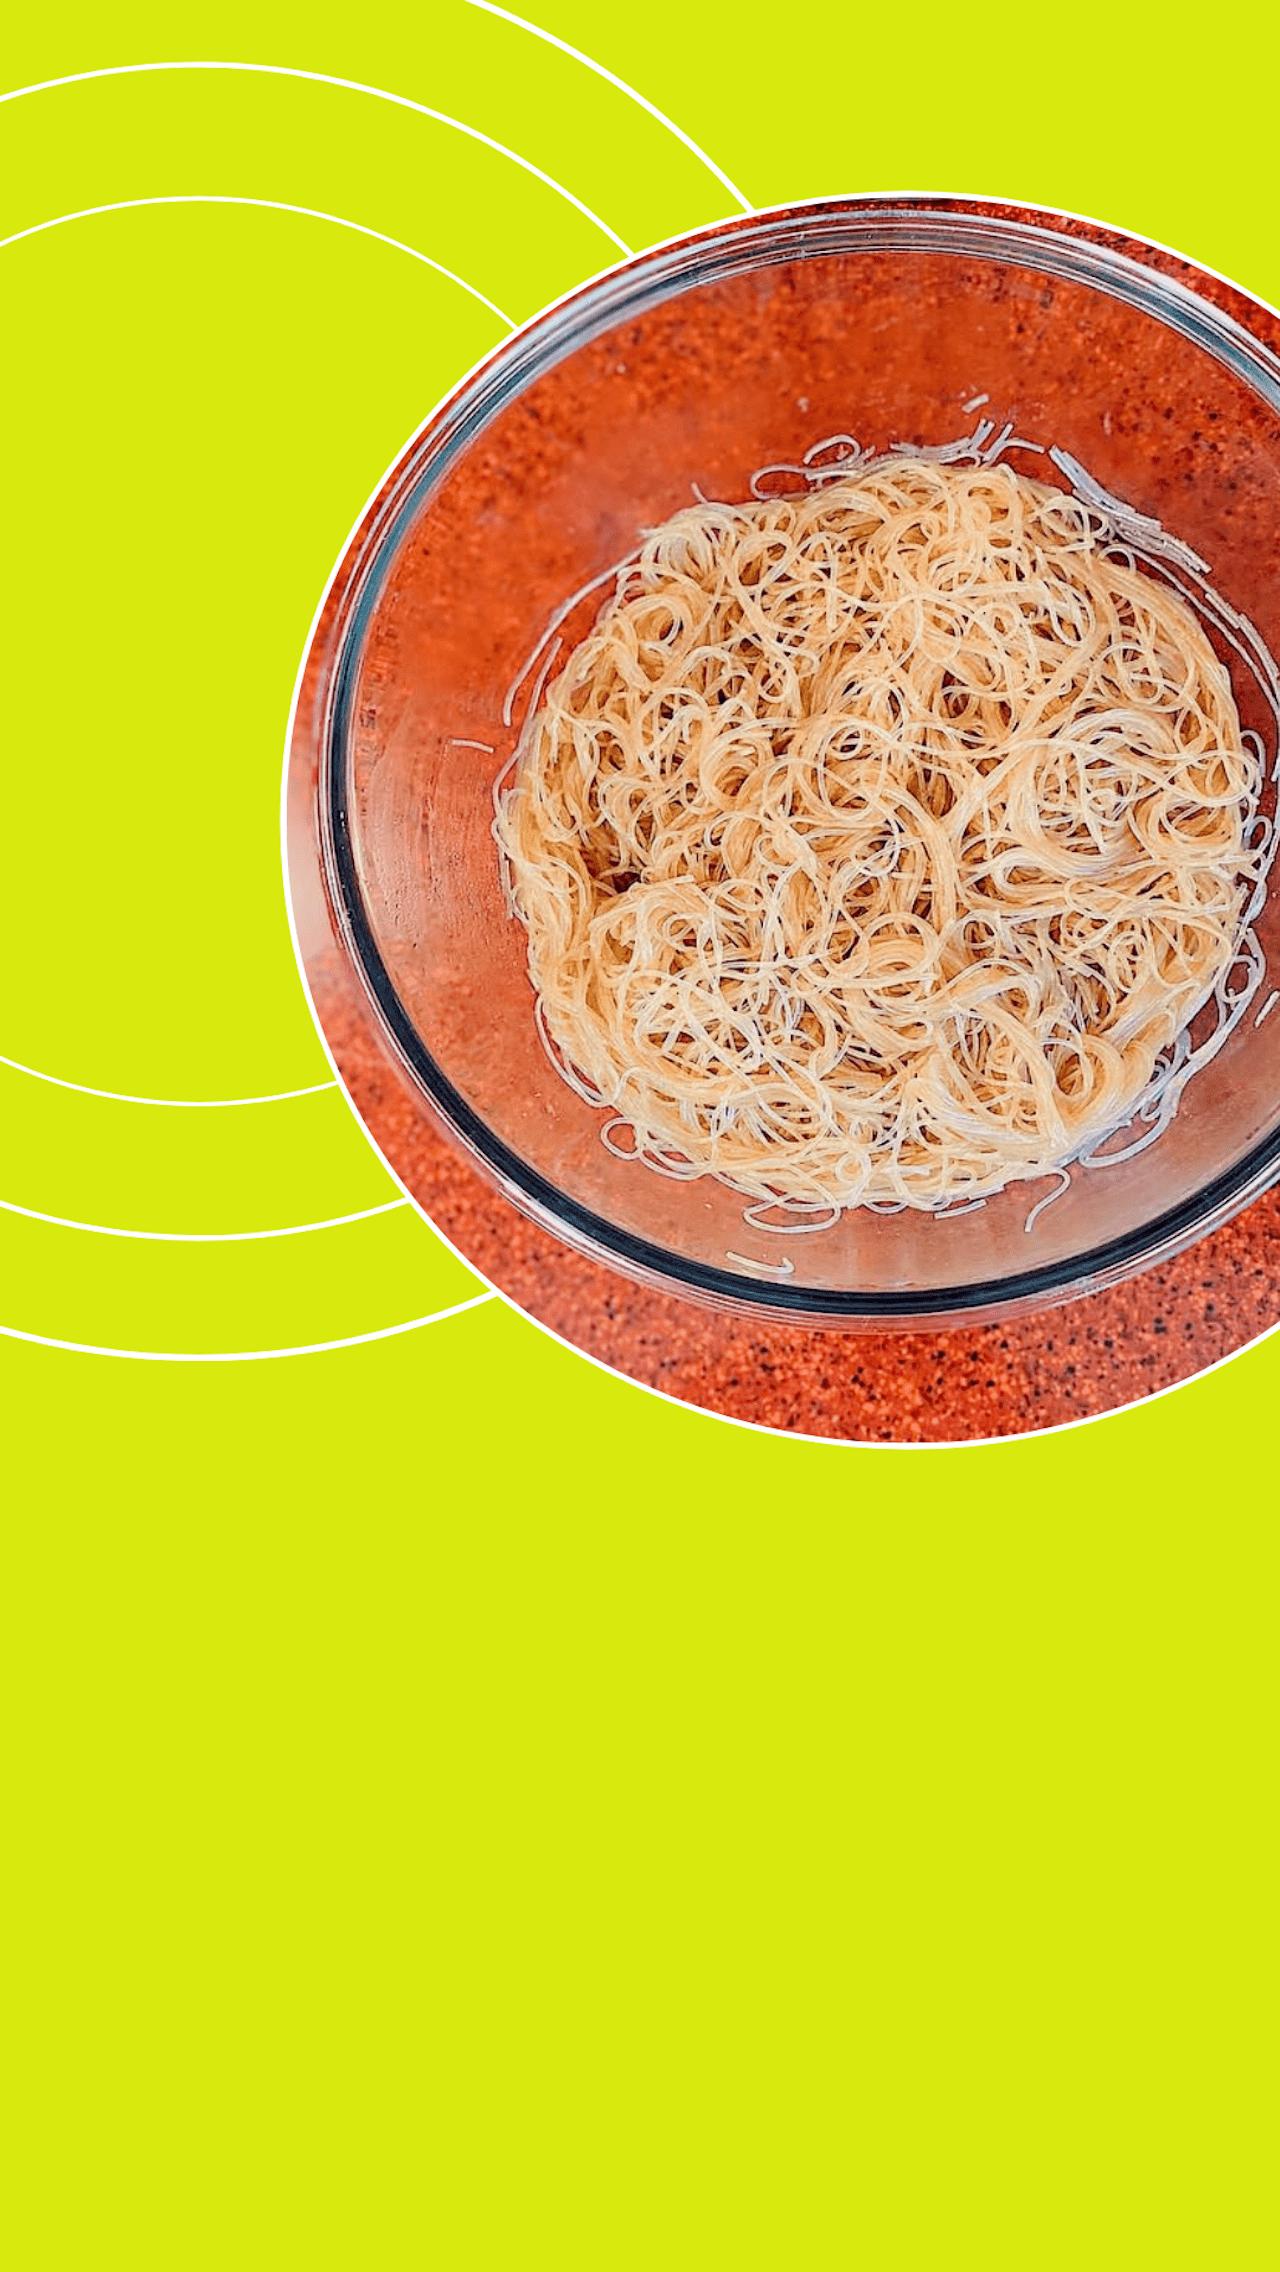 Добавить соевый соус и тщательно перемешать, чтобы фунчоза хорошо пропиталась.